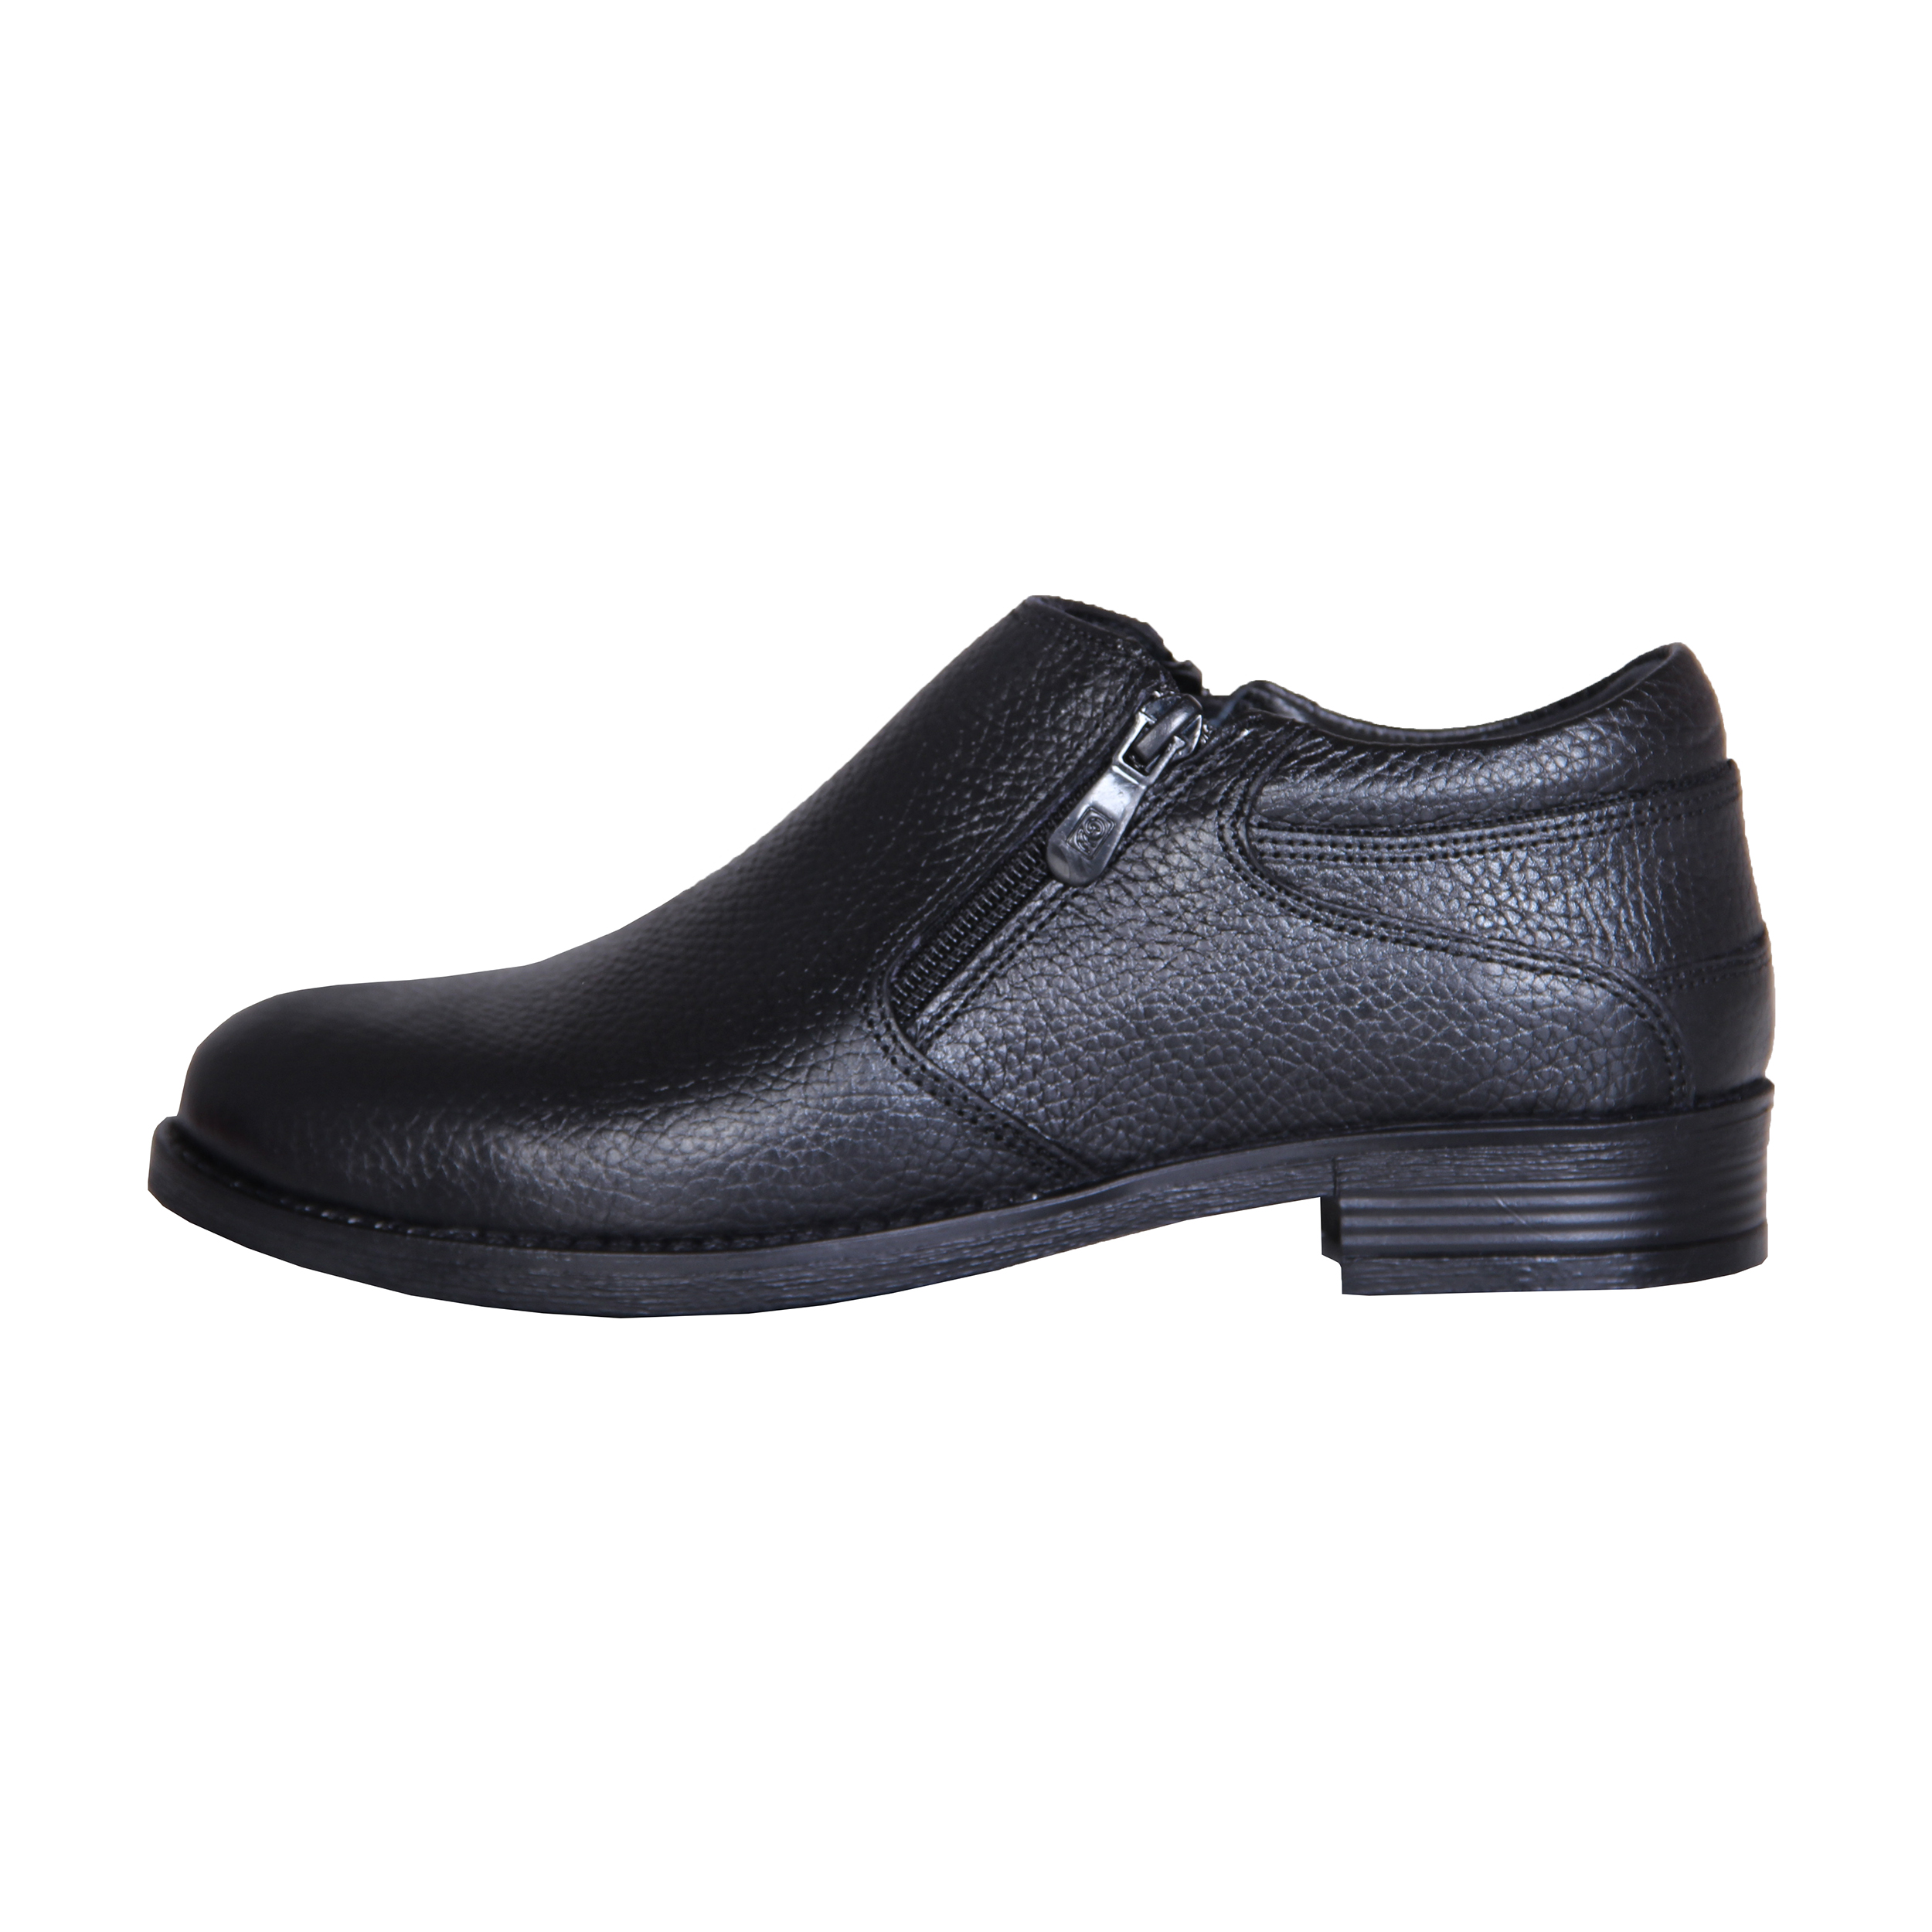 کفش زنانه شهر چرم مدل KA12-1